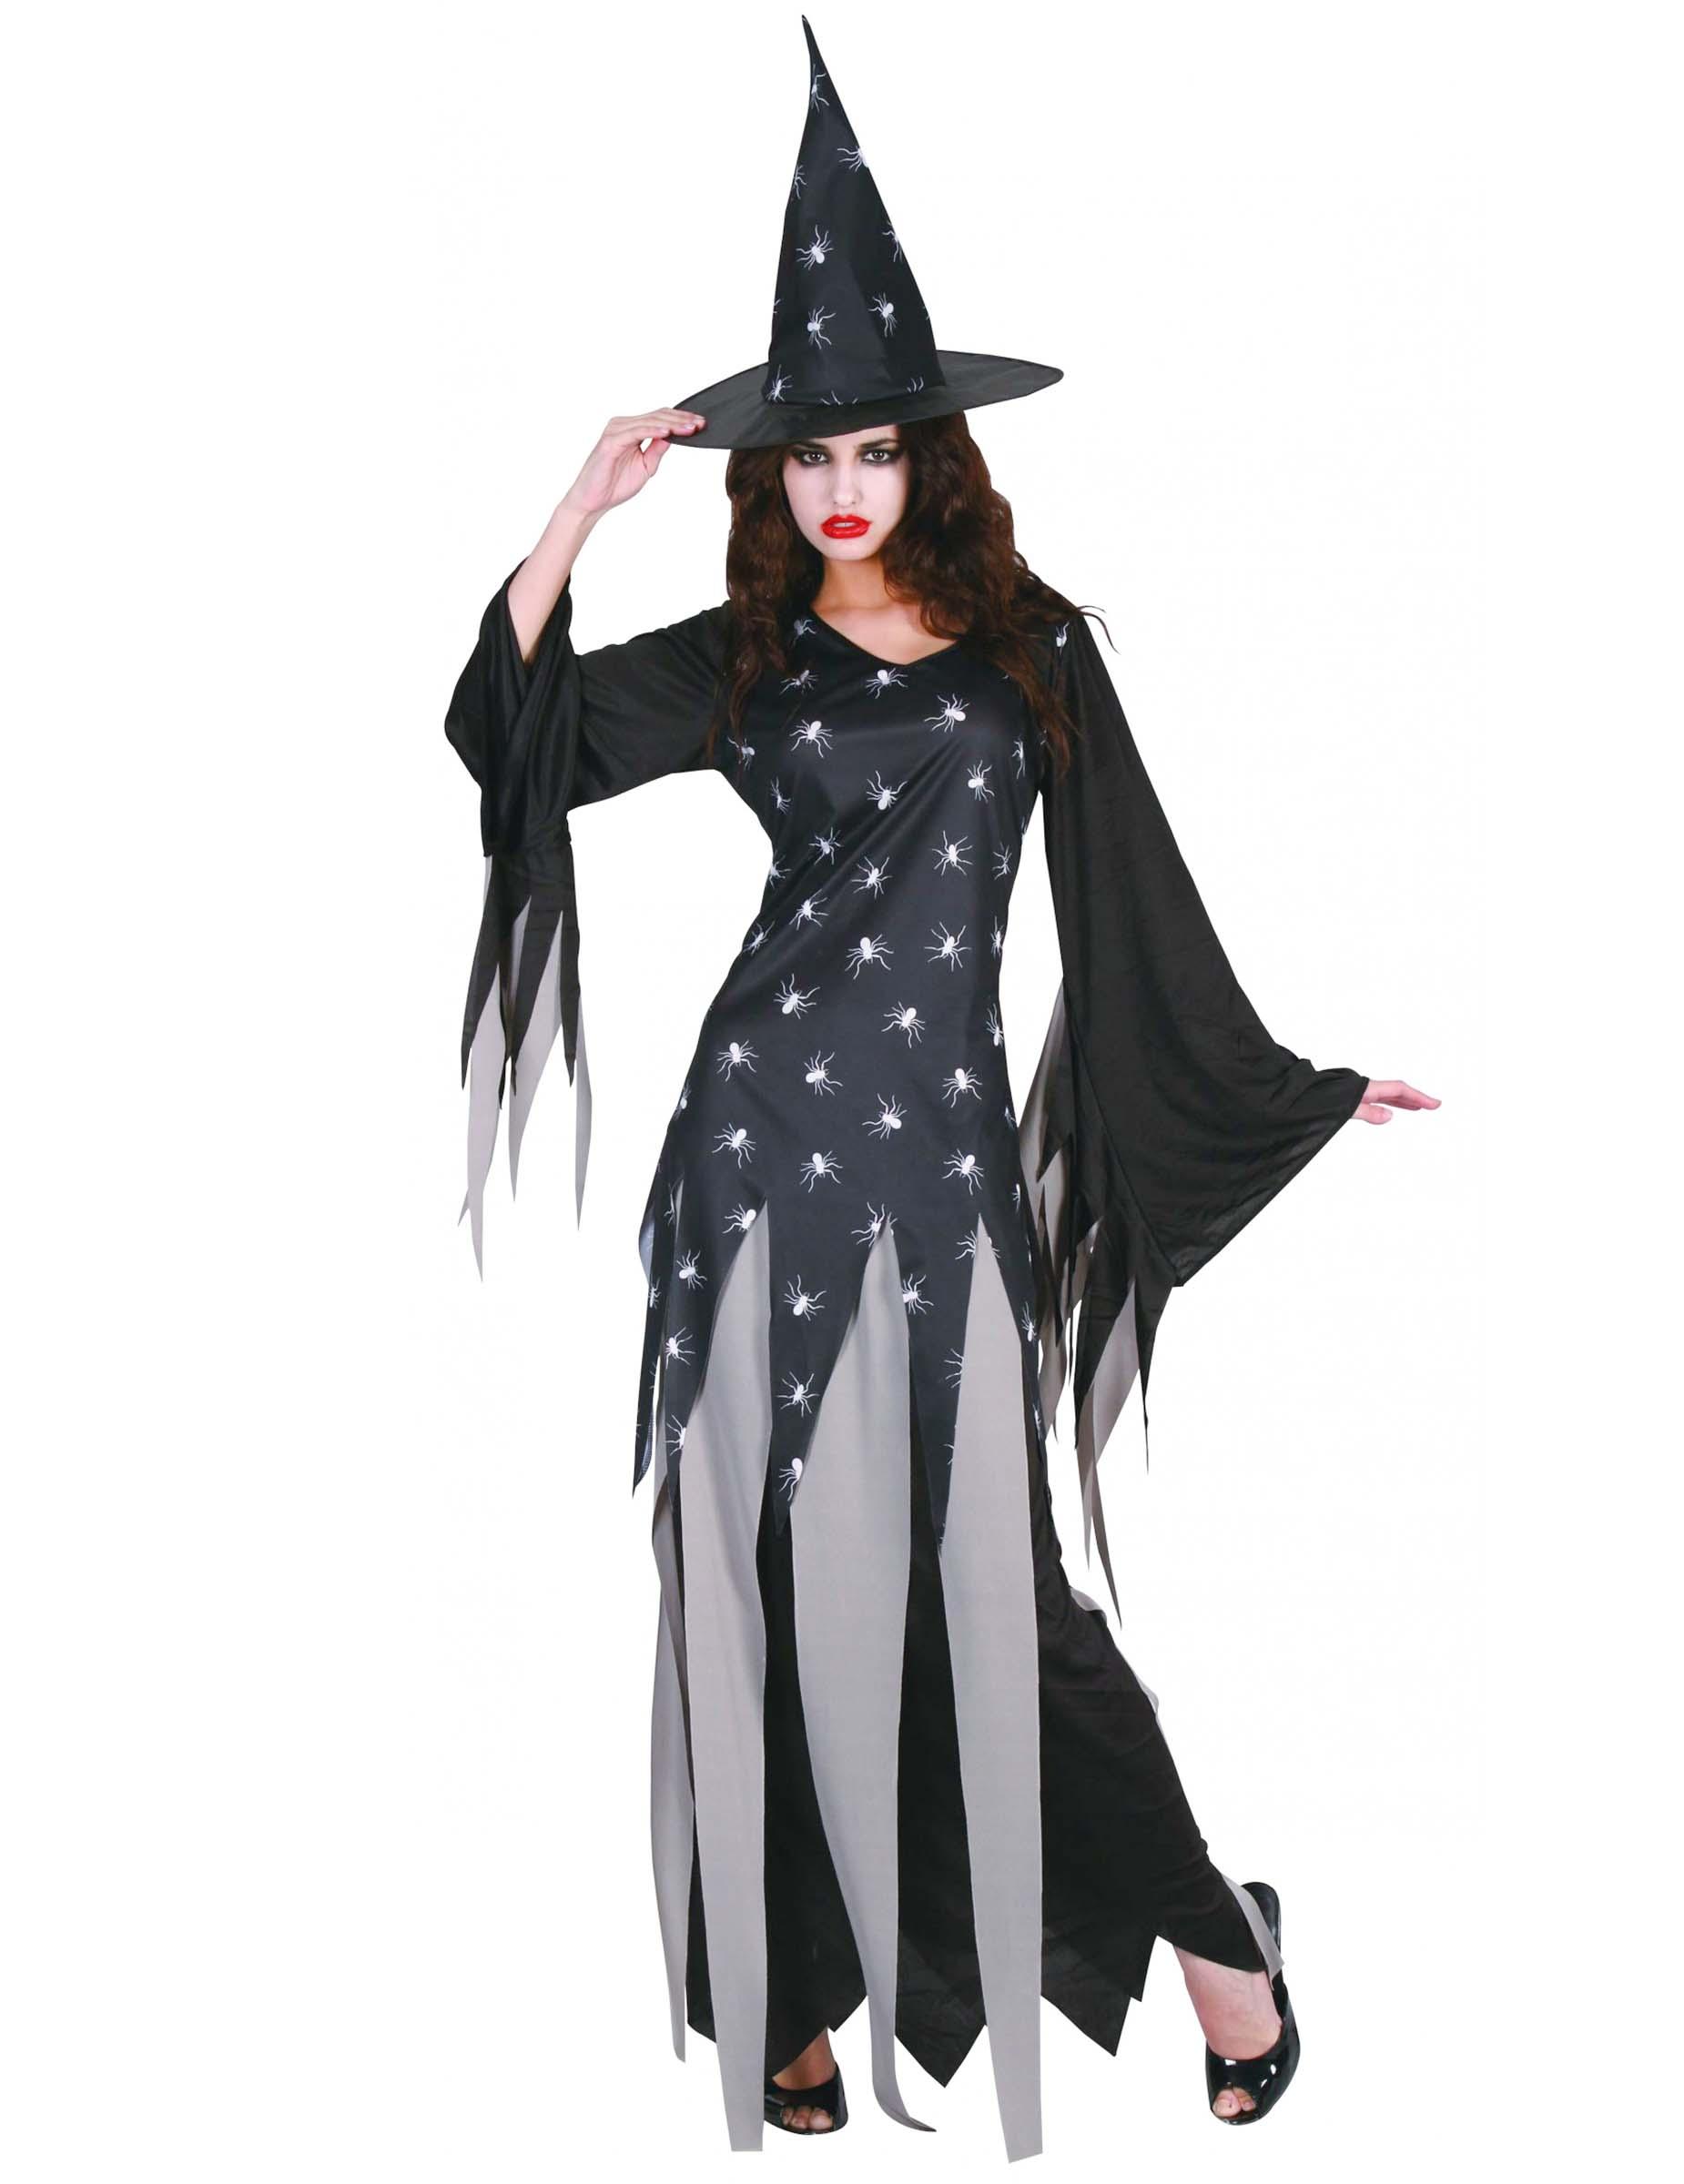 p hexen kostum damen halloween type=product